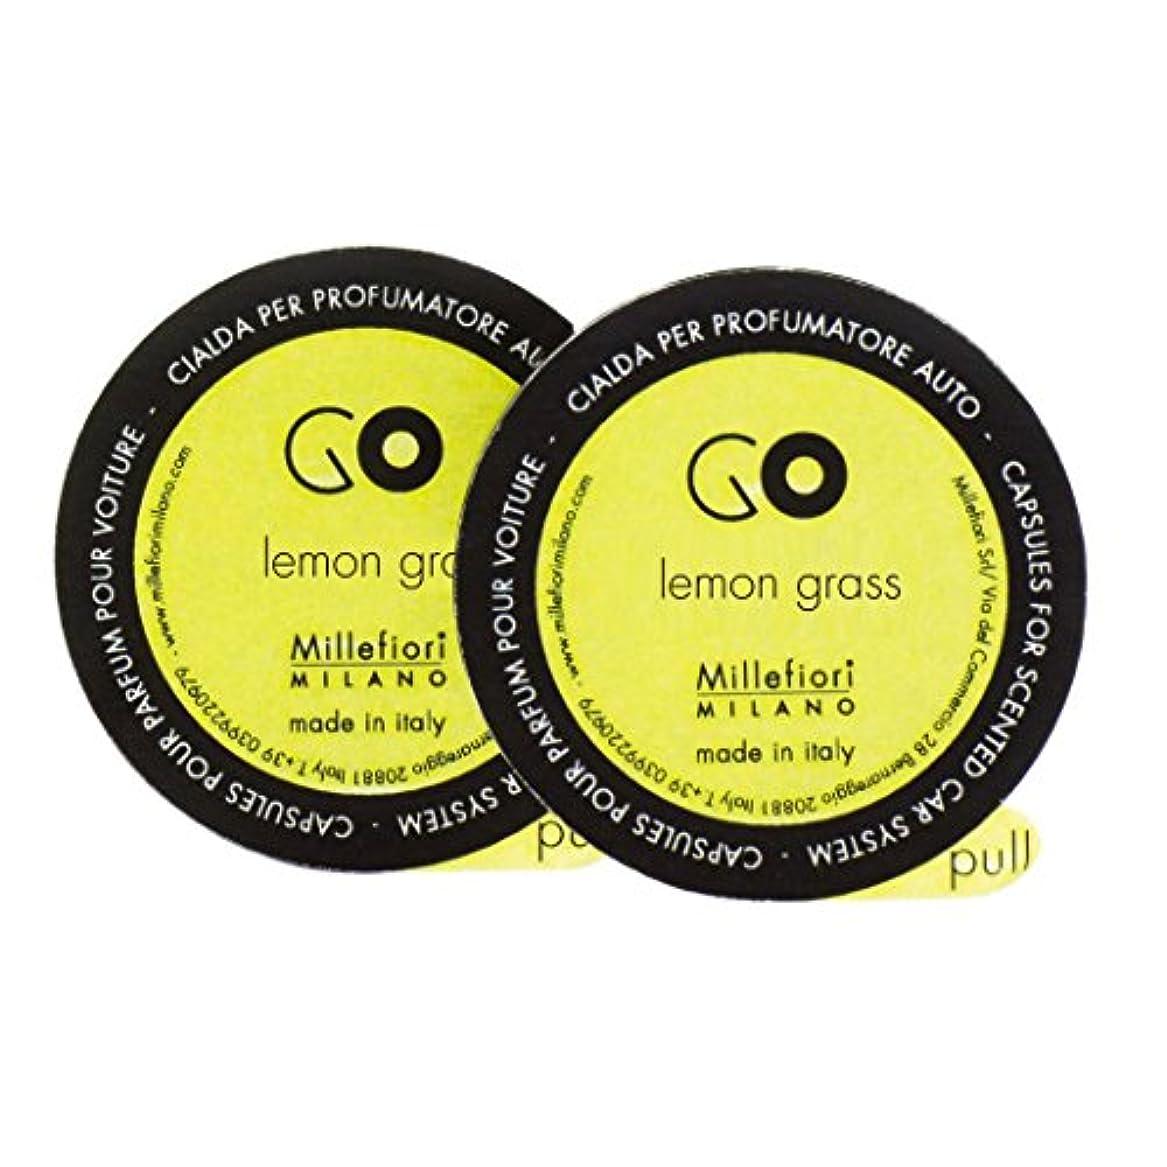 がんばり続ける説得力のある手順Millefiori カーエアフレッシュナーレフィル[GO] レモングラス